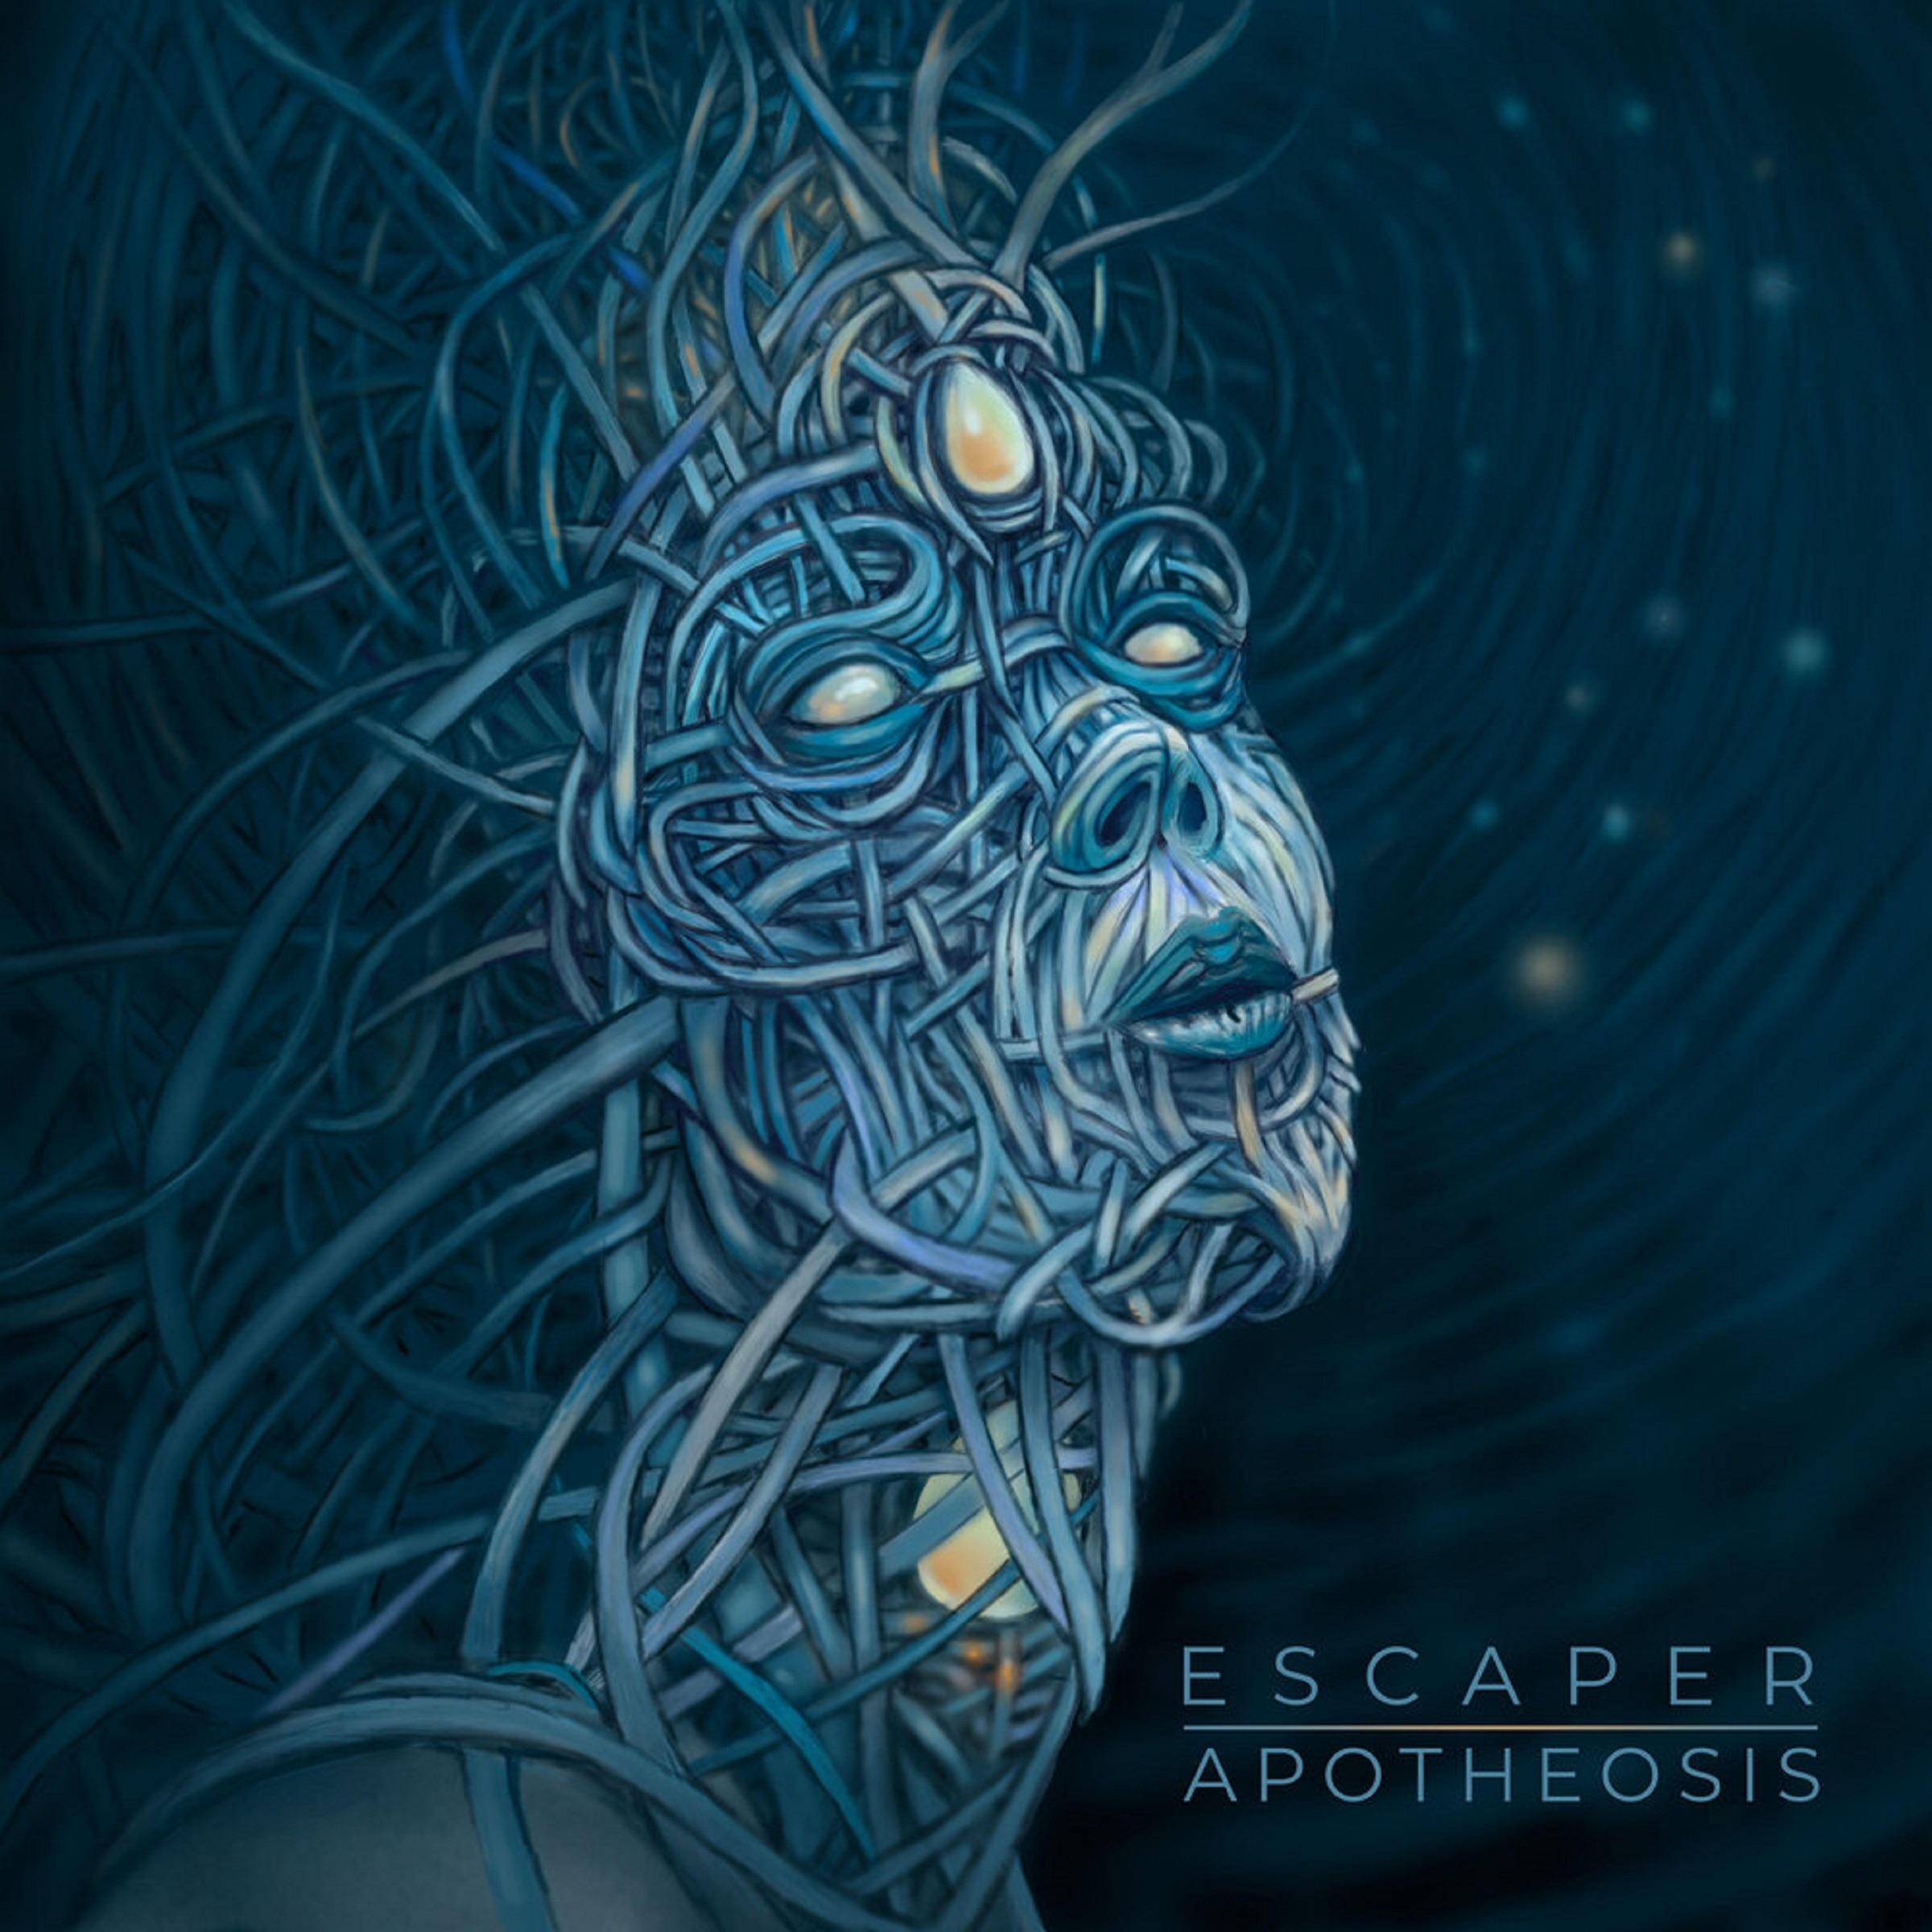 Escaper: Apotheosis